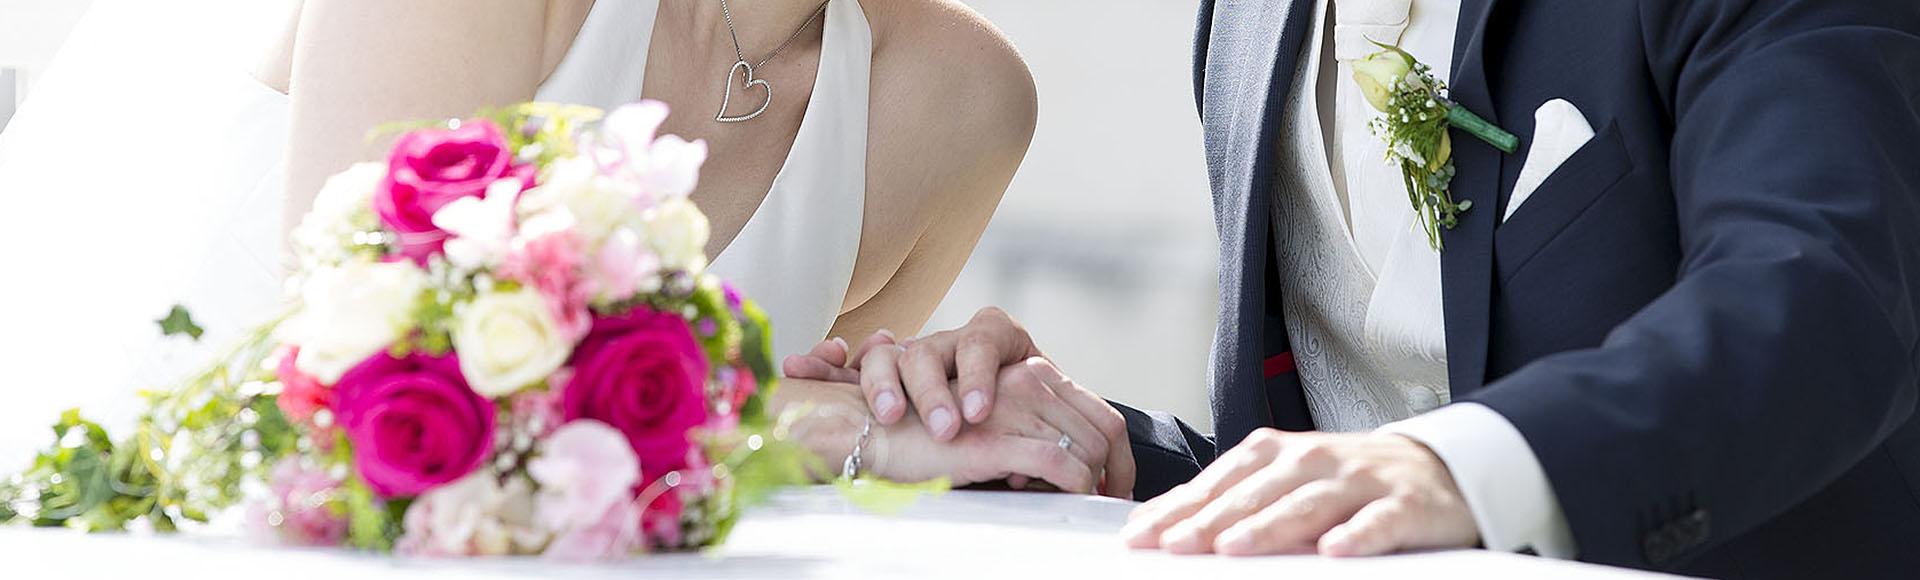 Heiraten in Essen